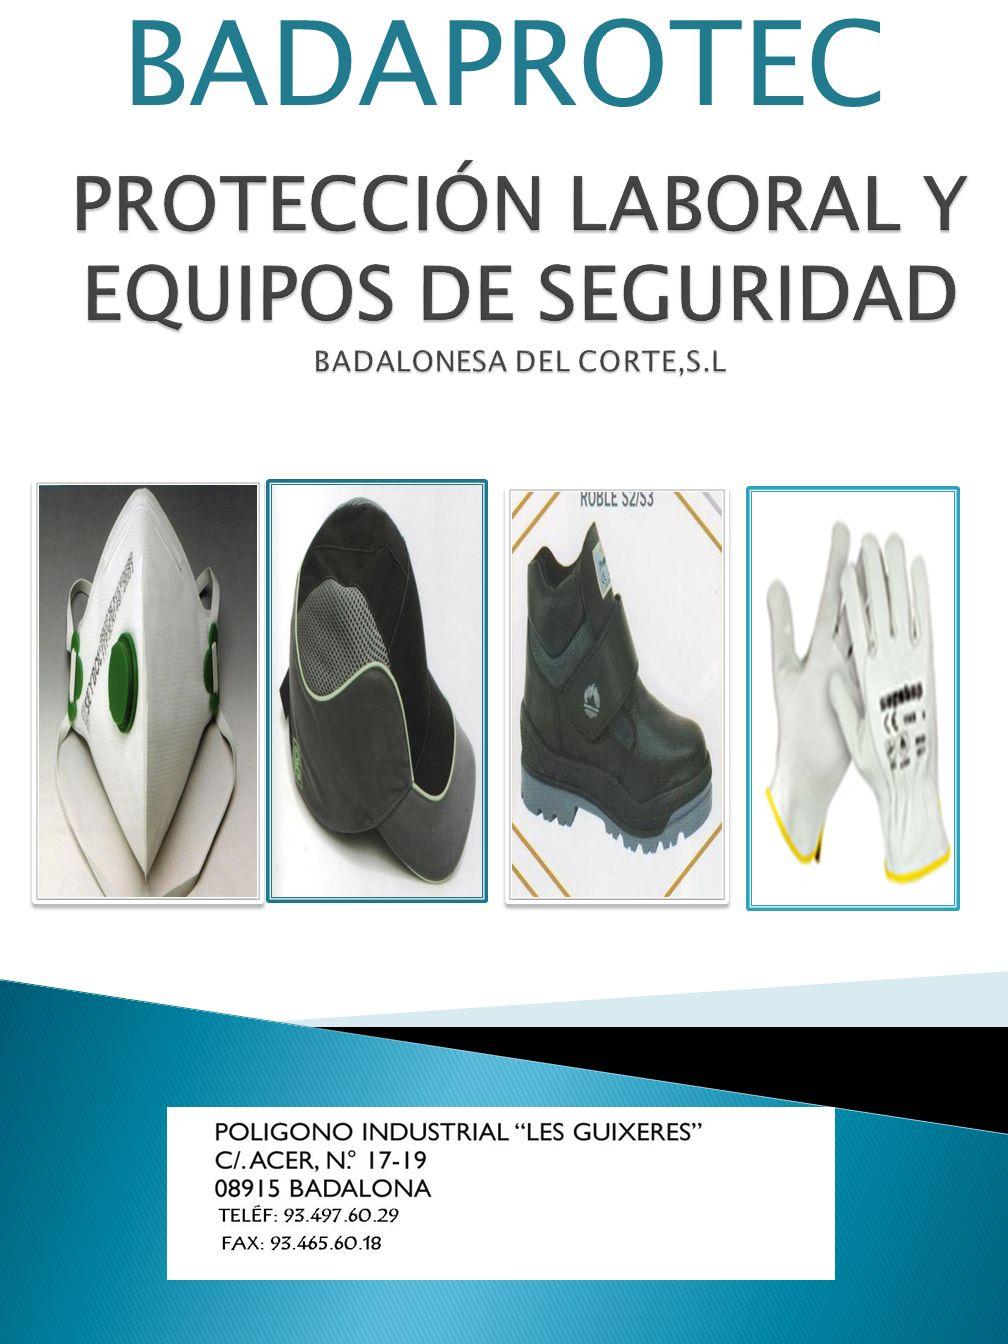 PROTECCIÓN LABORAL Y EQUIPOS DE SEGURIDAD BADALONESA DEL CORTE,S.L